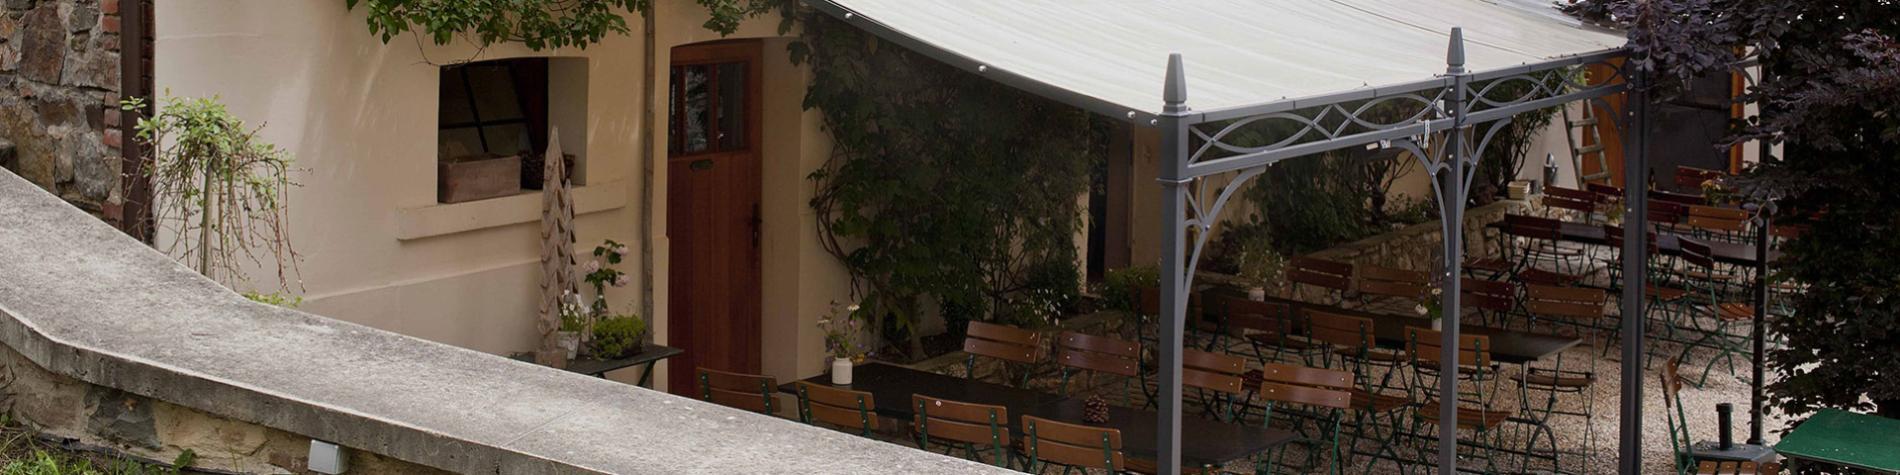 Brasserie de Bellevaux terrace